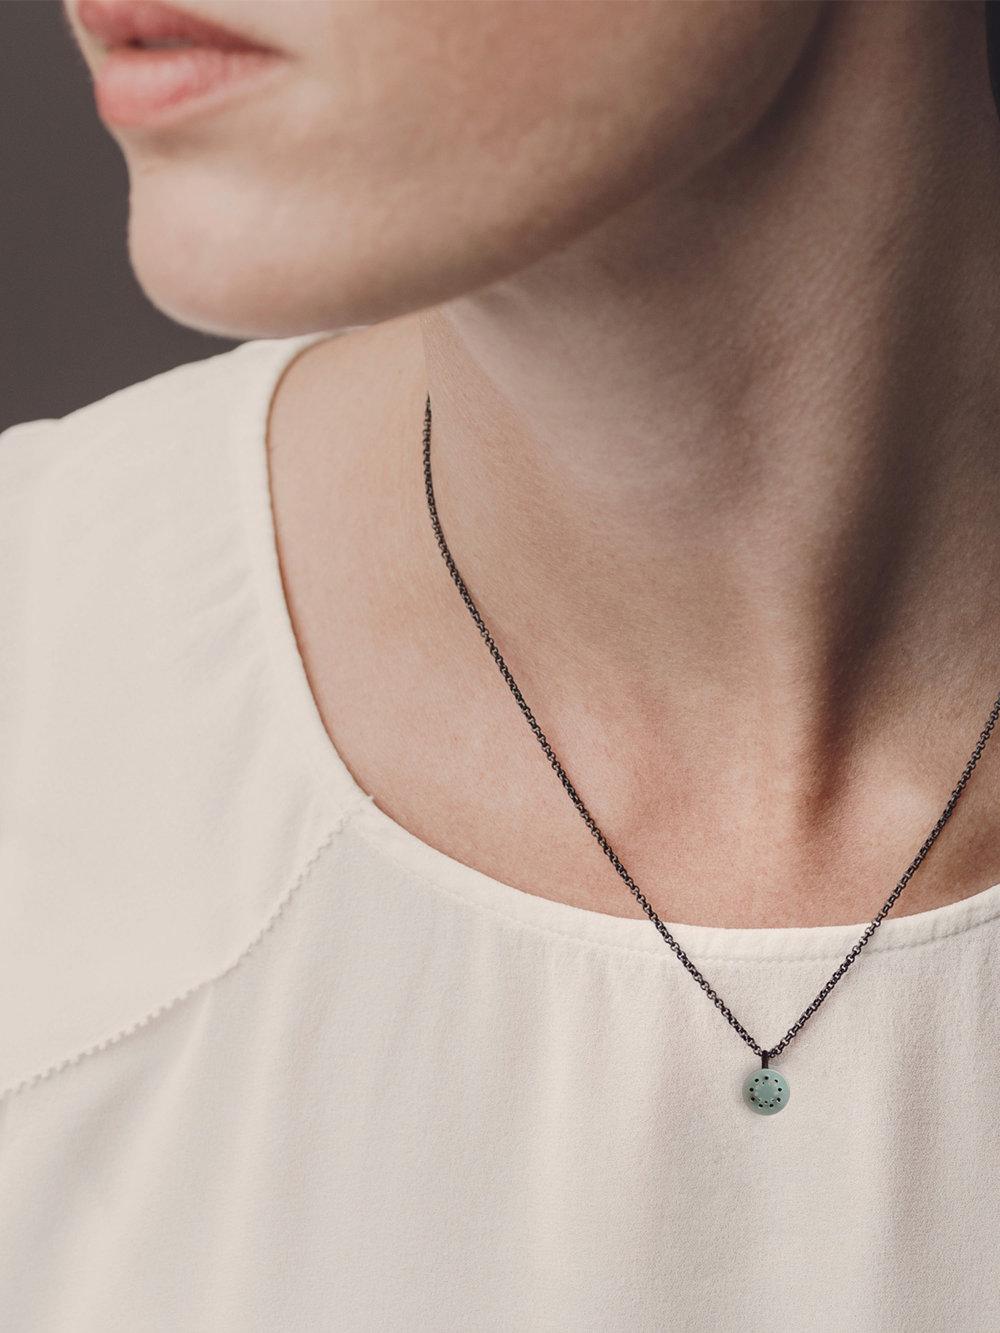 Christina Pauls, Kette mit Punkt Anhänger in Silber und Opal